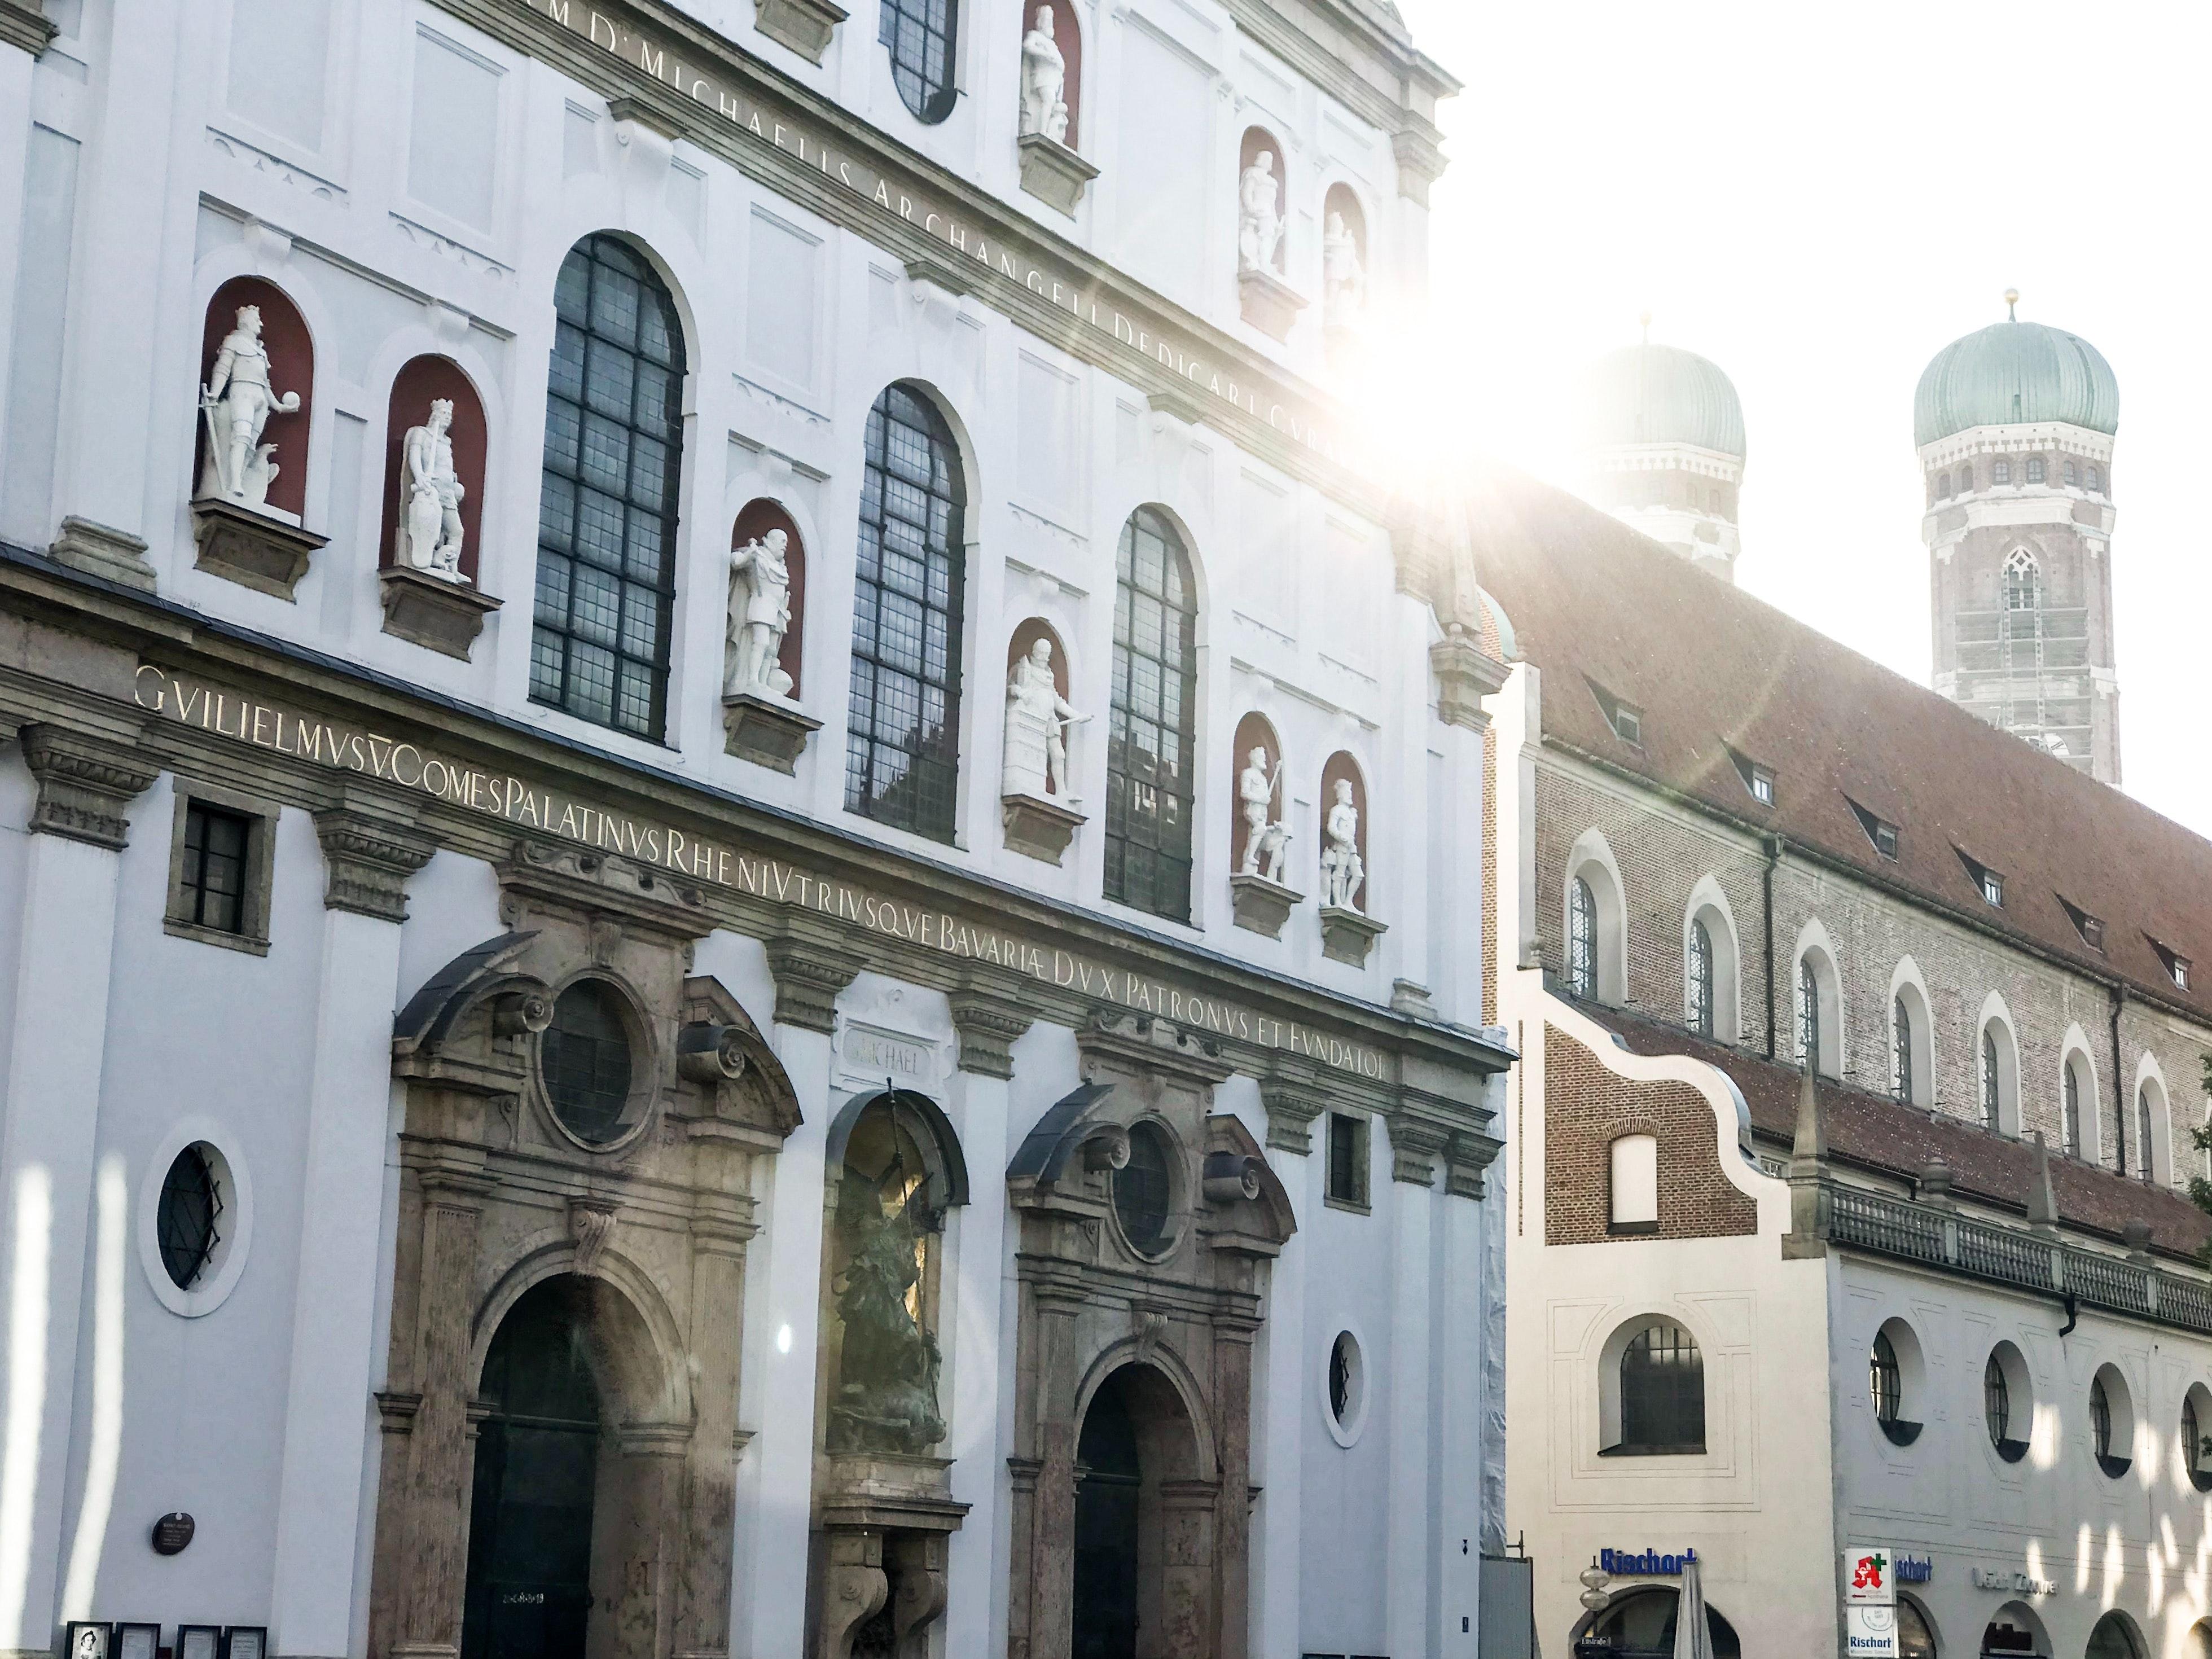 Immobilien Ankaufsprofil München: Unsere Immobilieninvestoren kaufen an